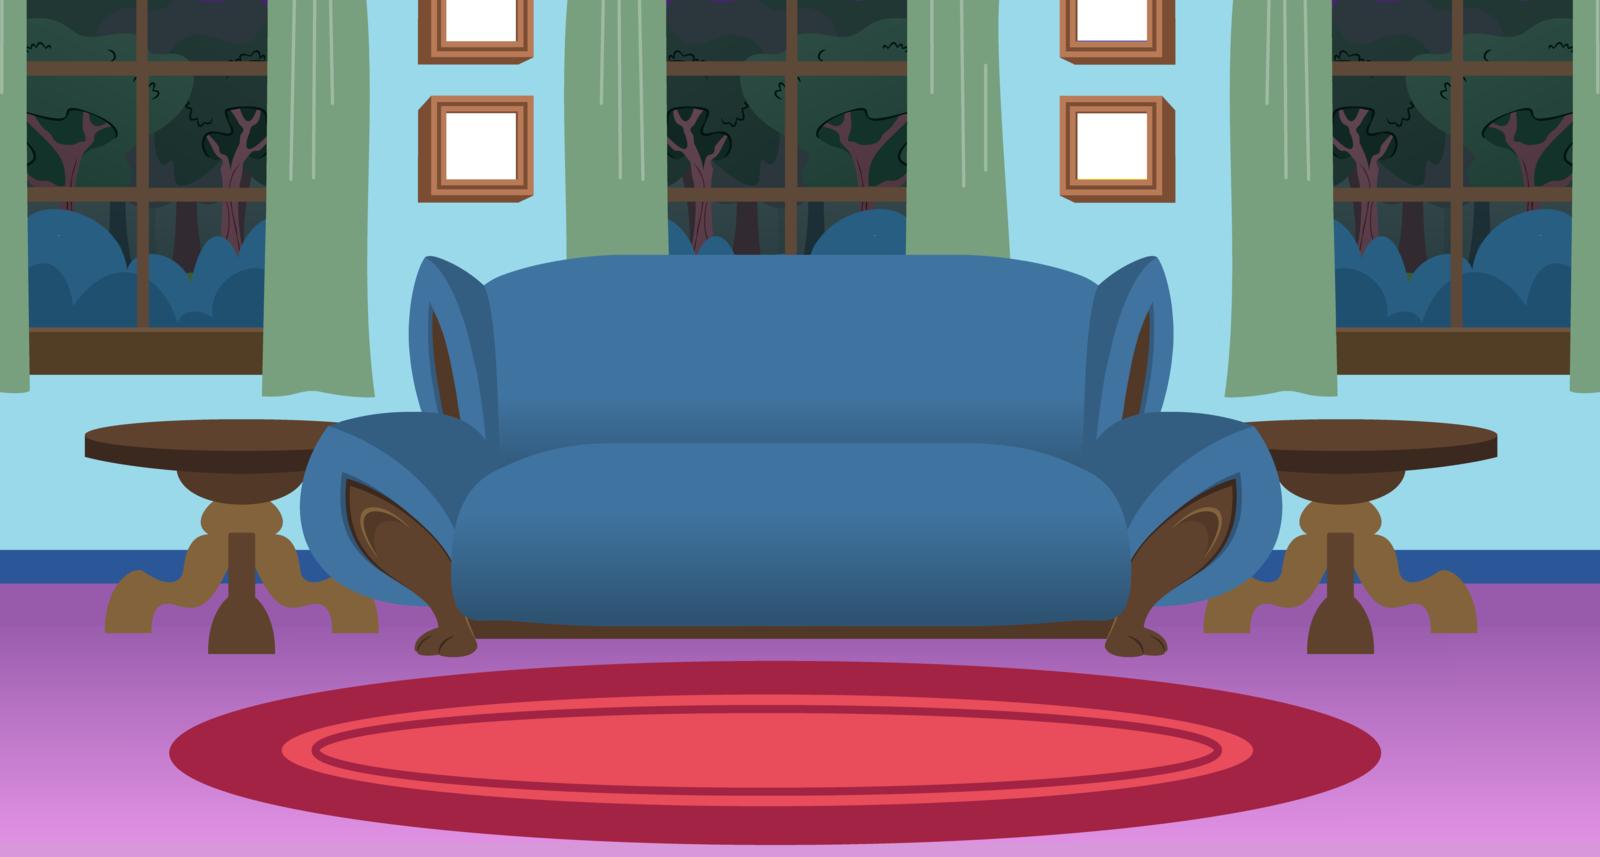 Pin By Suzan Jouid On أثاث البيت In 2021 Bachelor Pad Living Room Living Room Living Room Red